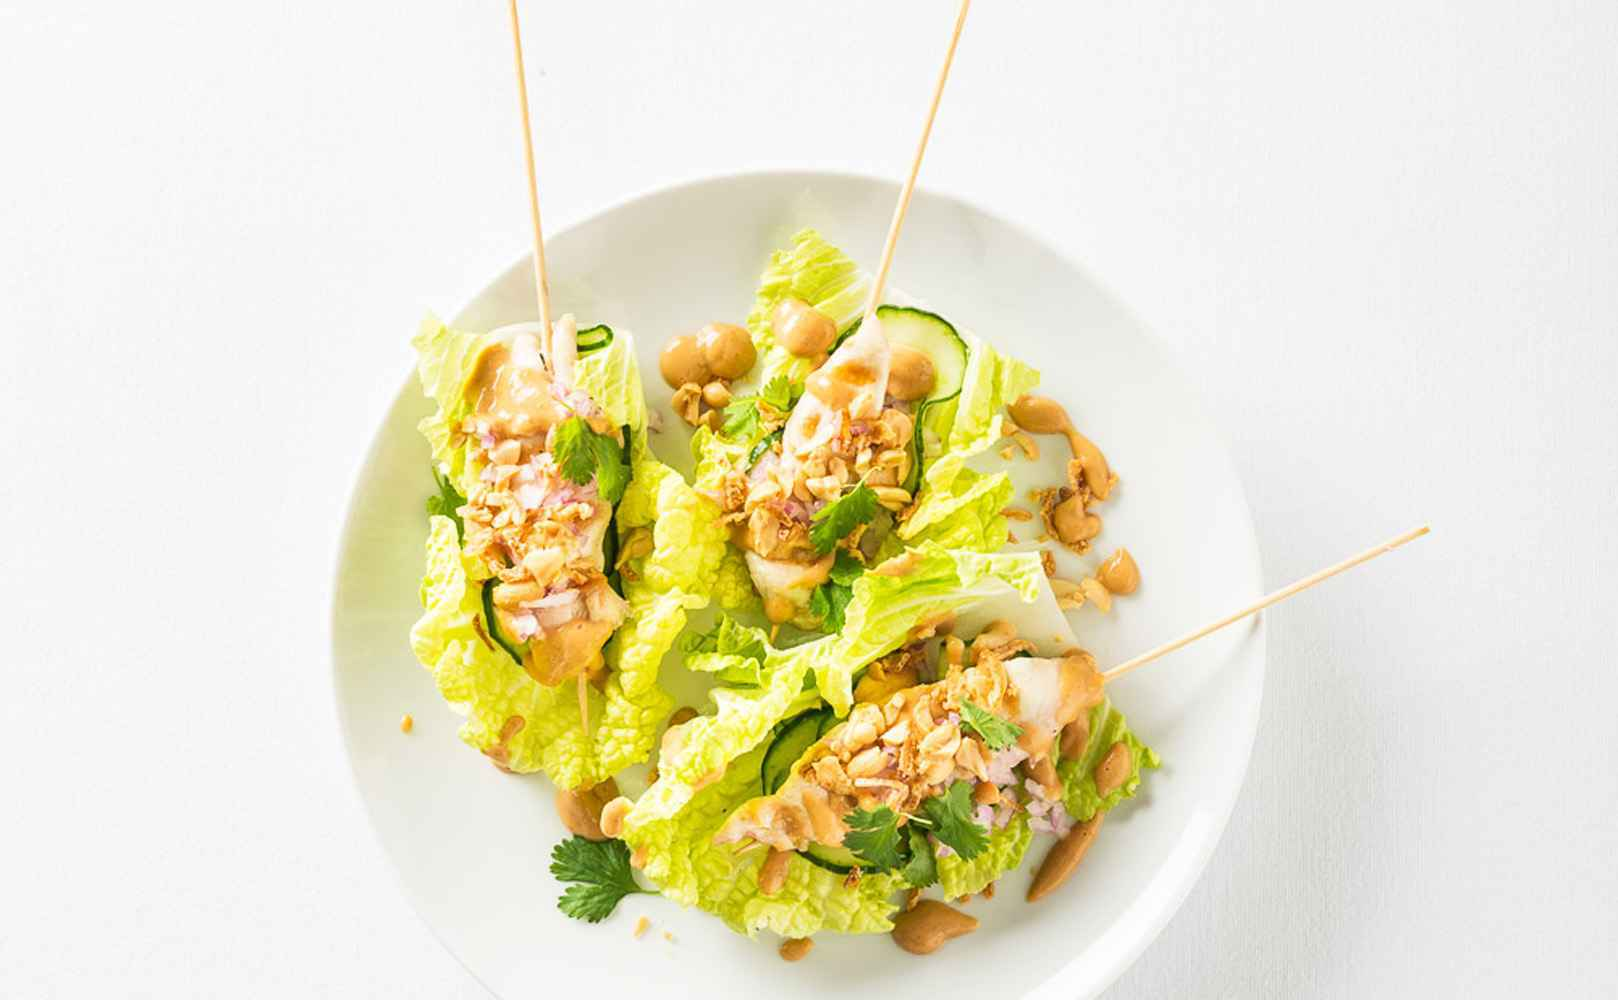 Hähnchenspieße mit Erdnussbutter-Chilisauce